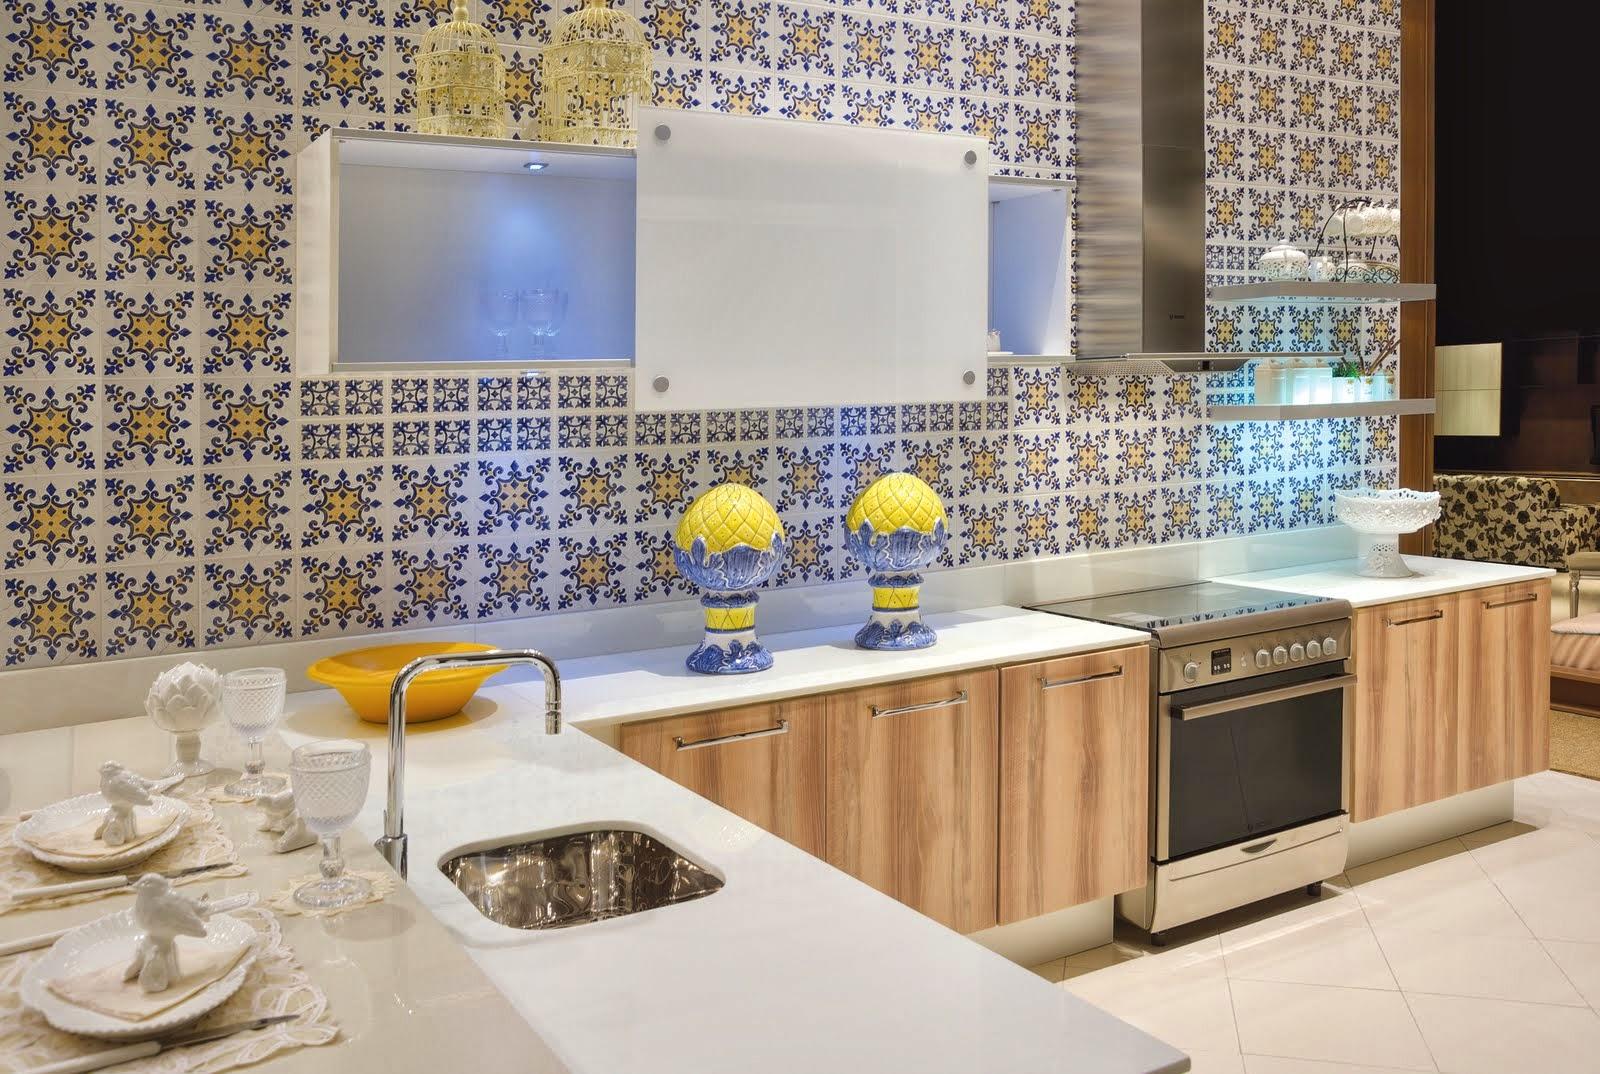 Artesanato Em Florianopolis Sc ~ Cafofo Sonhado O Ladrilho Hidráulico Adesivo da Cozinha